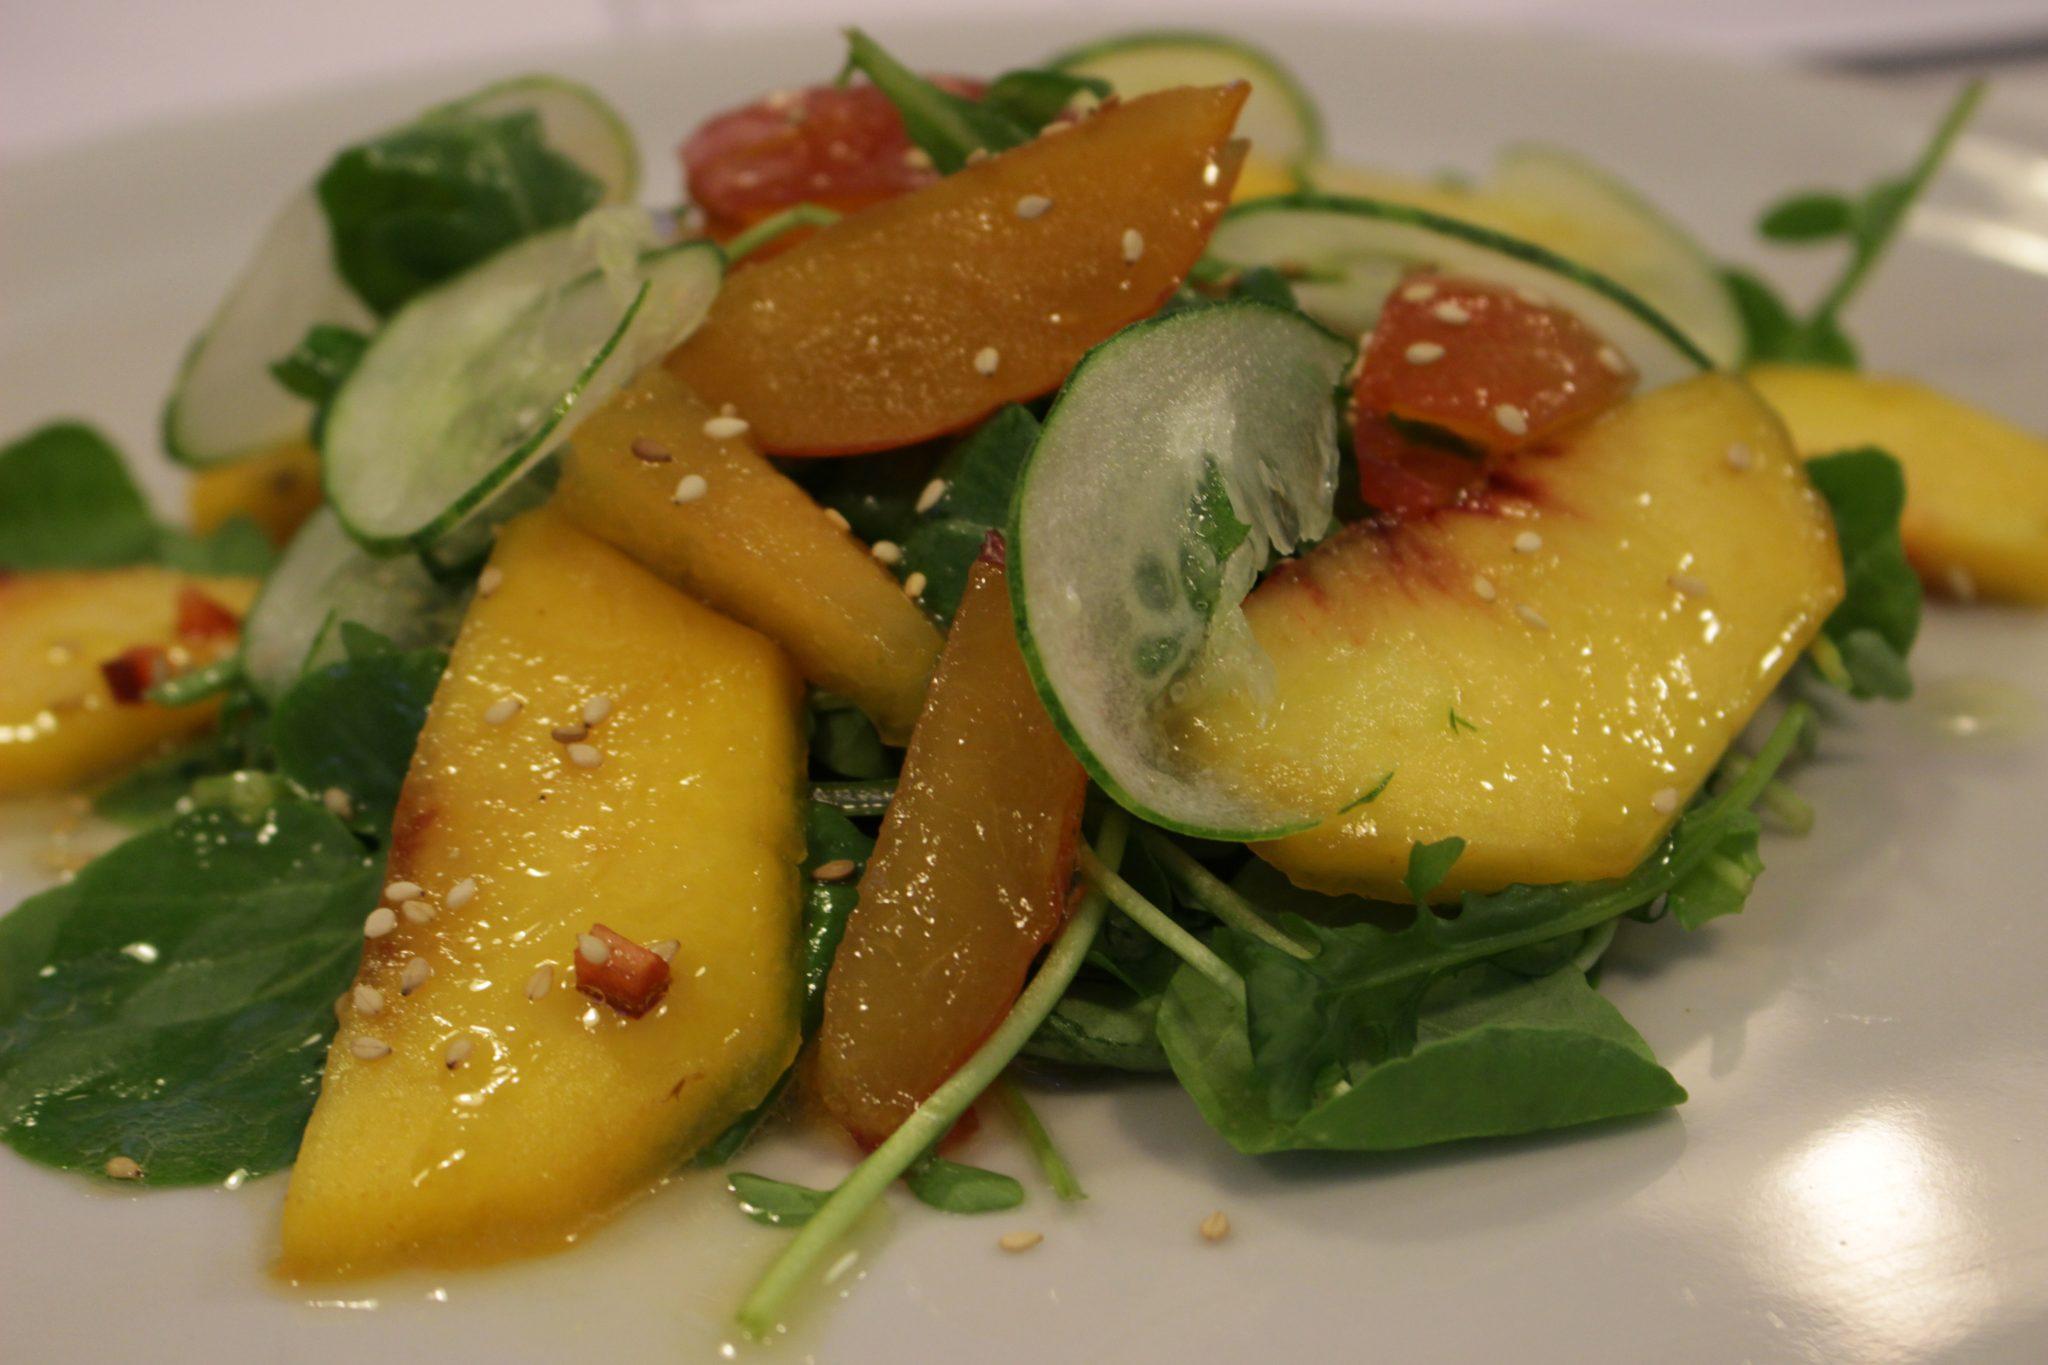 ensalada de berros y rúcula con frutas Escuela de cocina telva